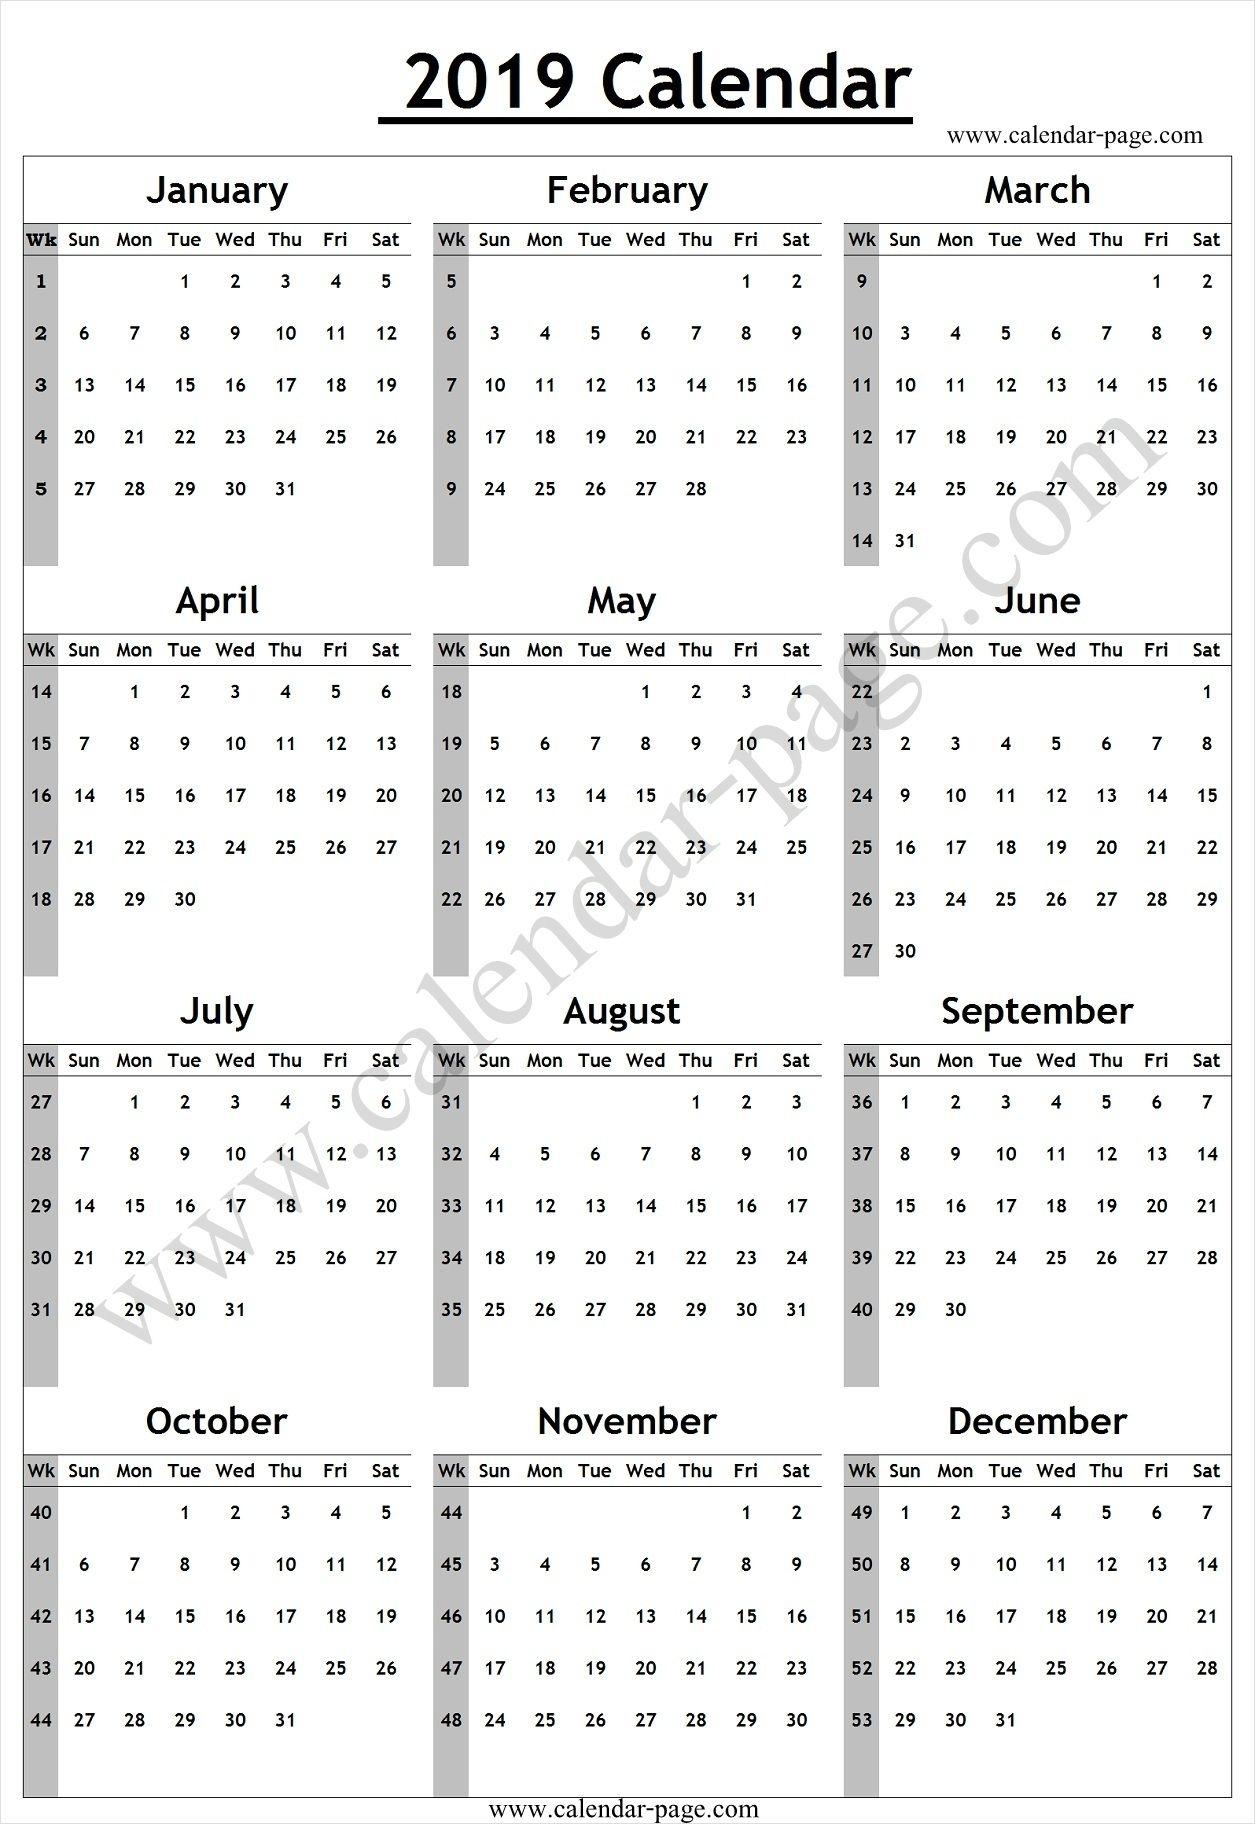 Calendar 2019 With Week Numbers | Week Number, Calendar 2019